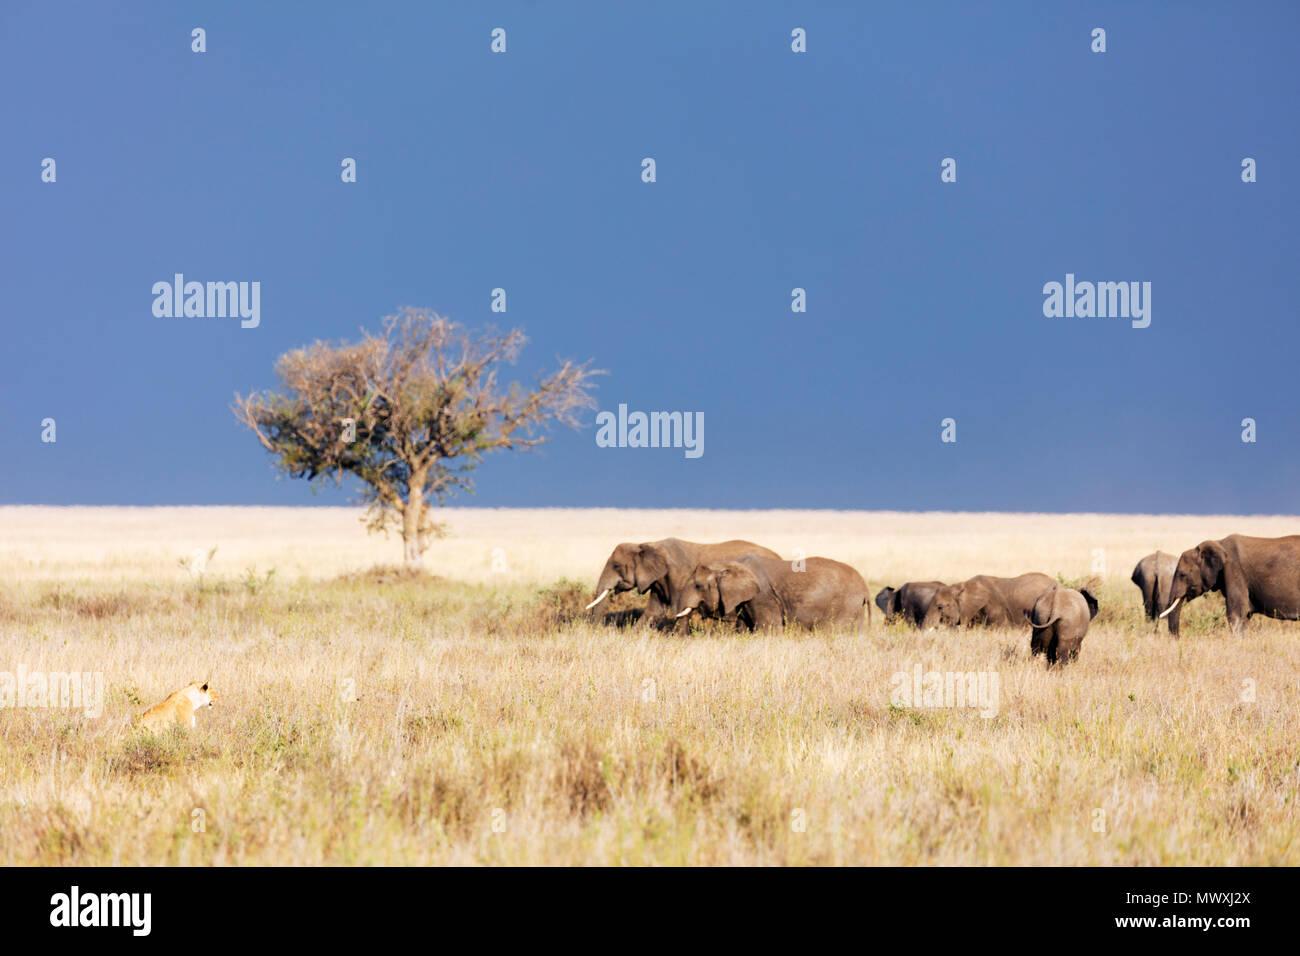 León (Panthera leo) y el elefante africano (Loxodonta africana), el Parque nacional Serengeti, Sitio del Patrimonio Mundial de la UNESCO, Tanzania, África oriental, África Imagen De Stock